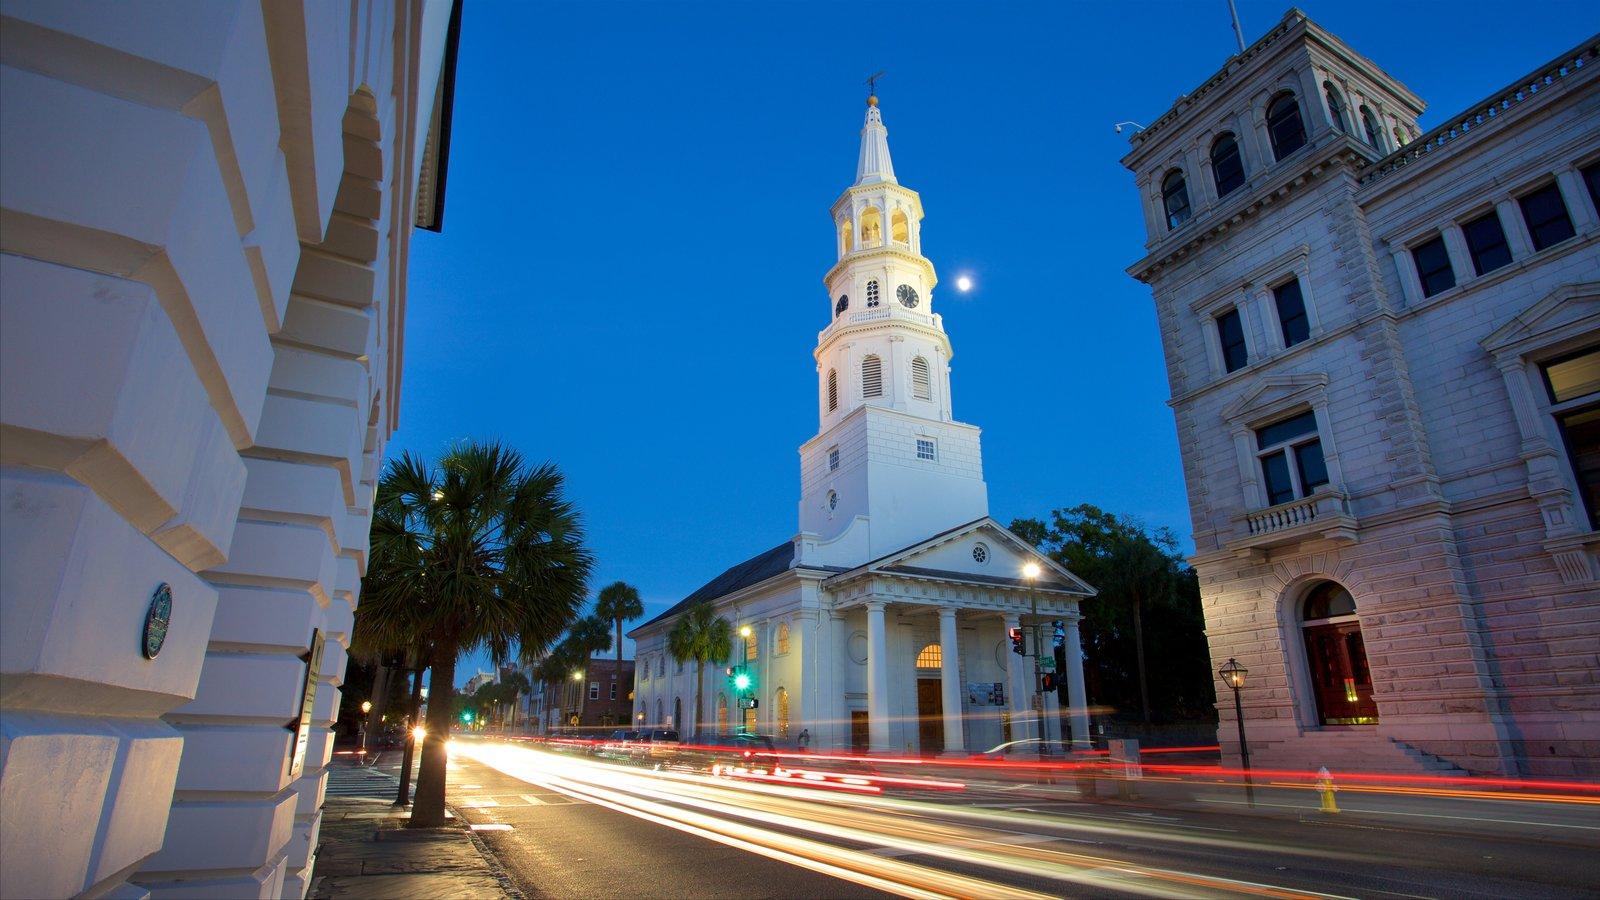 St. Michael\'s Episcopal Church caracterizando uma igreja ou catedral, arquitetura de patrimônio e elementos de patrimônio